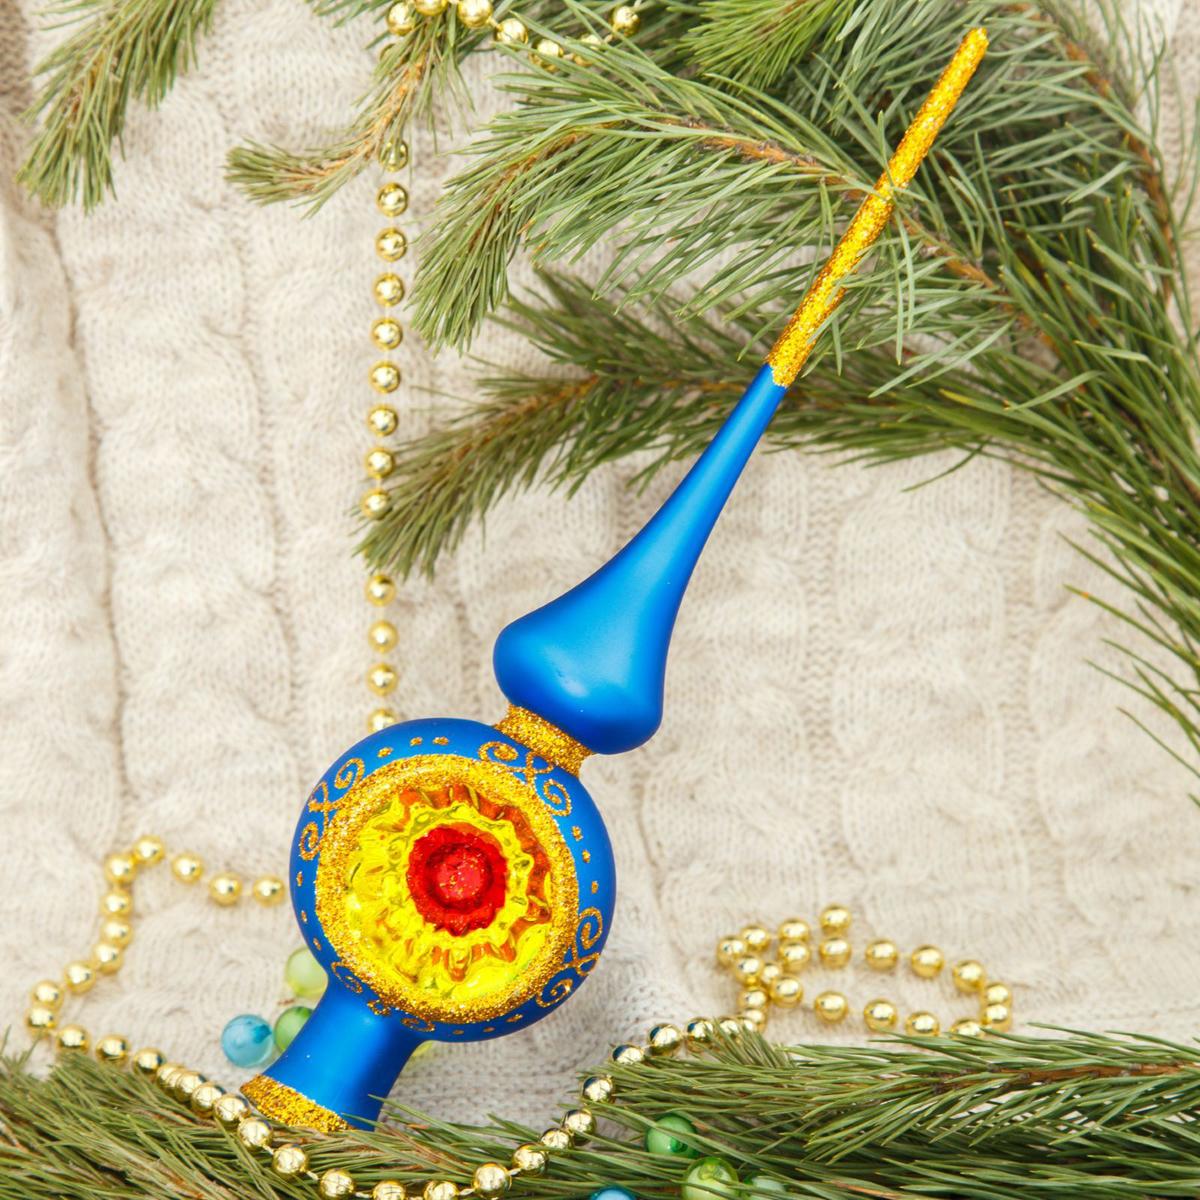 Верхушка на елку Ёлочка Искристая, 27,5 см2564806Верхушка на елку Ёлочка будет прекрасно смотреться на новогодней еле. Верхушка на елку - одно из главных новогодних украшений лесной красавицы. Она принесет в ваш дом ни с чем не сравнимое ощущение праздника! Новогодние украшения несут в себе волшебство. Они помогут вам украсить дом к предстоящим праздникам и оживить интерьер по вашему вкусу. Создайте в доме атмосферу тепла, веселья и радости, украшая его всей семьей.